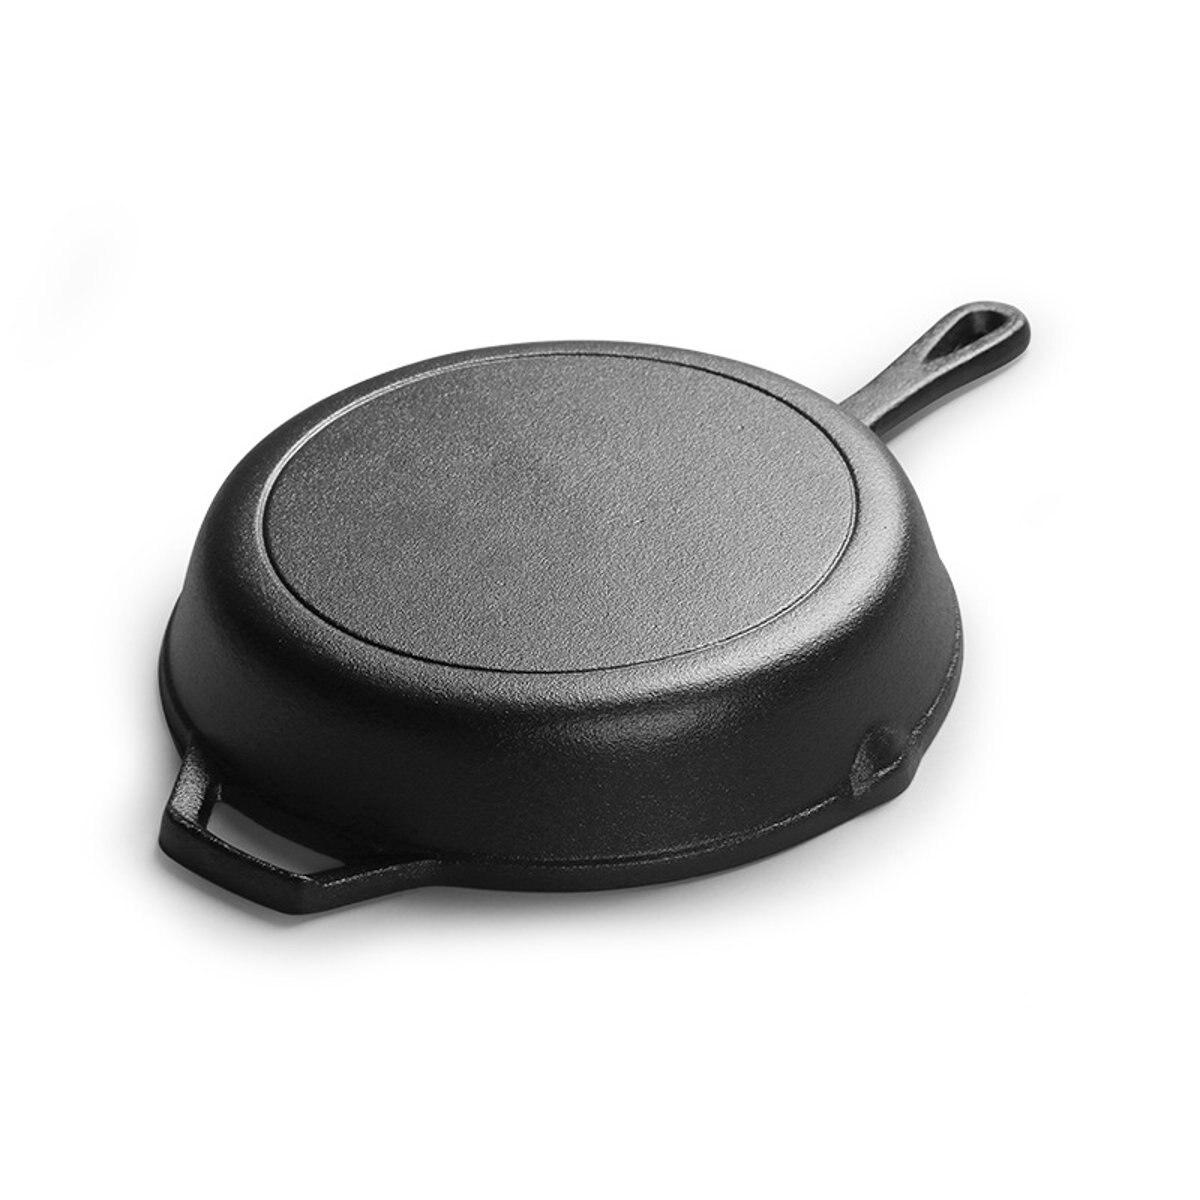 Poêle en fonte antiadhésive poêle multi-usages poêle à crêpes Steak Grill casserole marmite ustensiles de cuisine outils de cuisson - 4